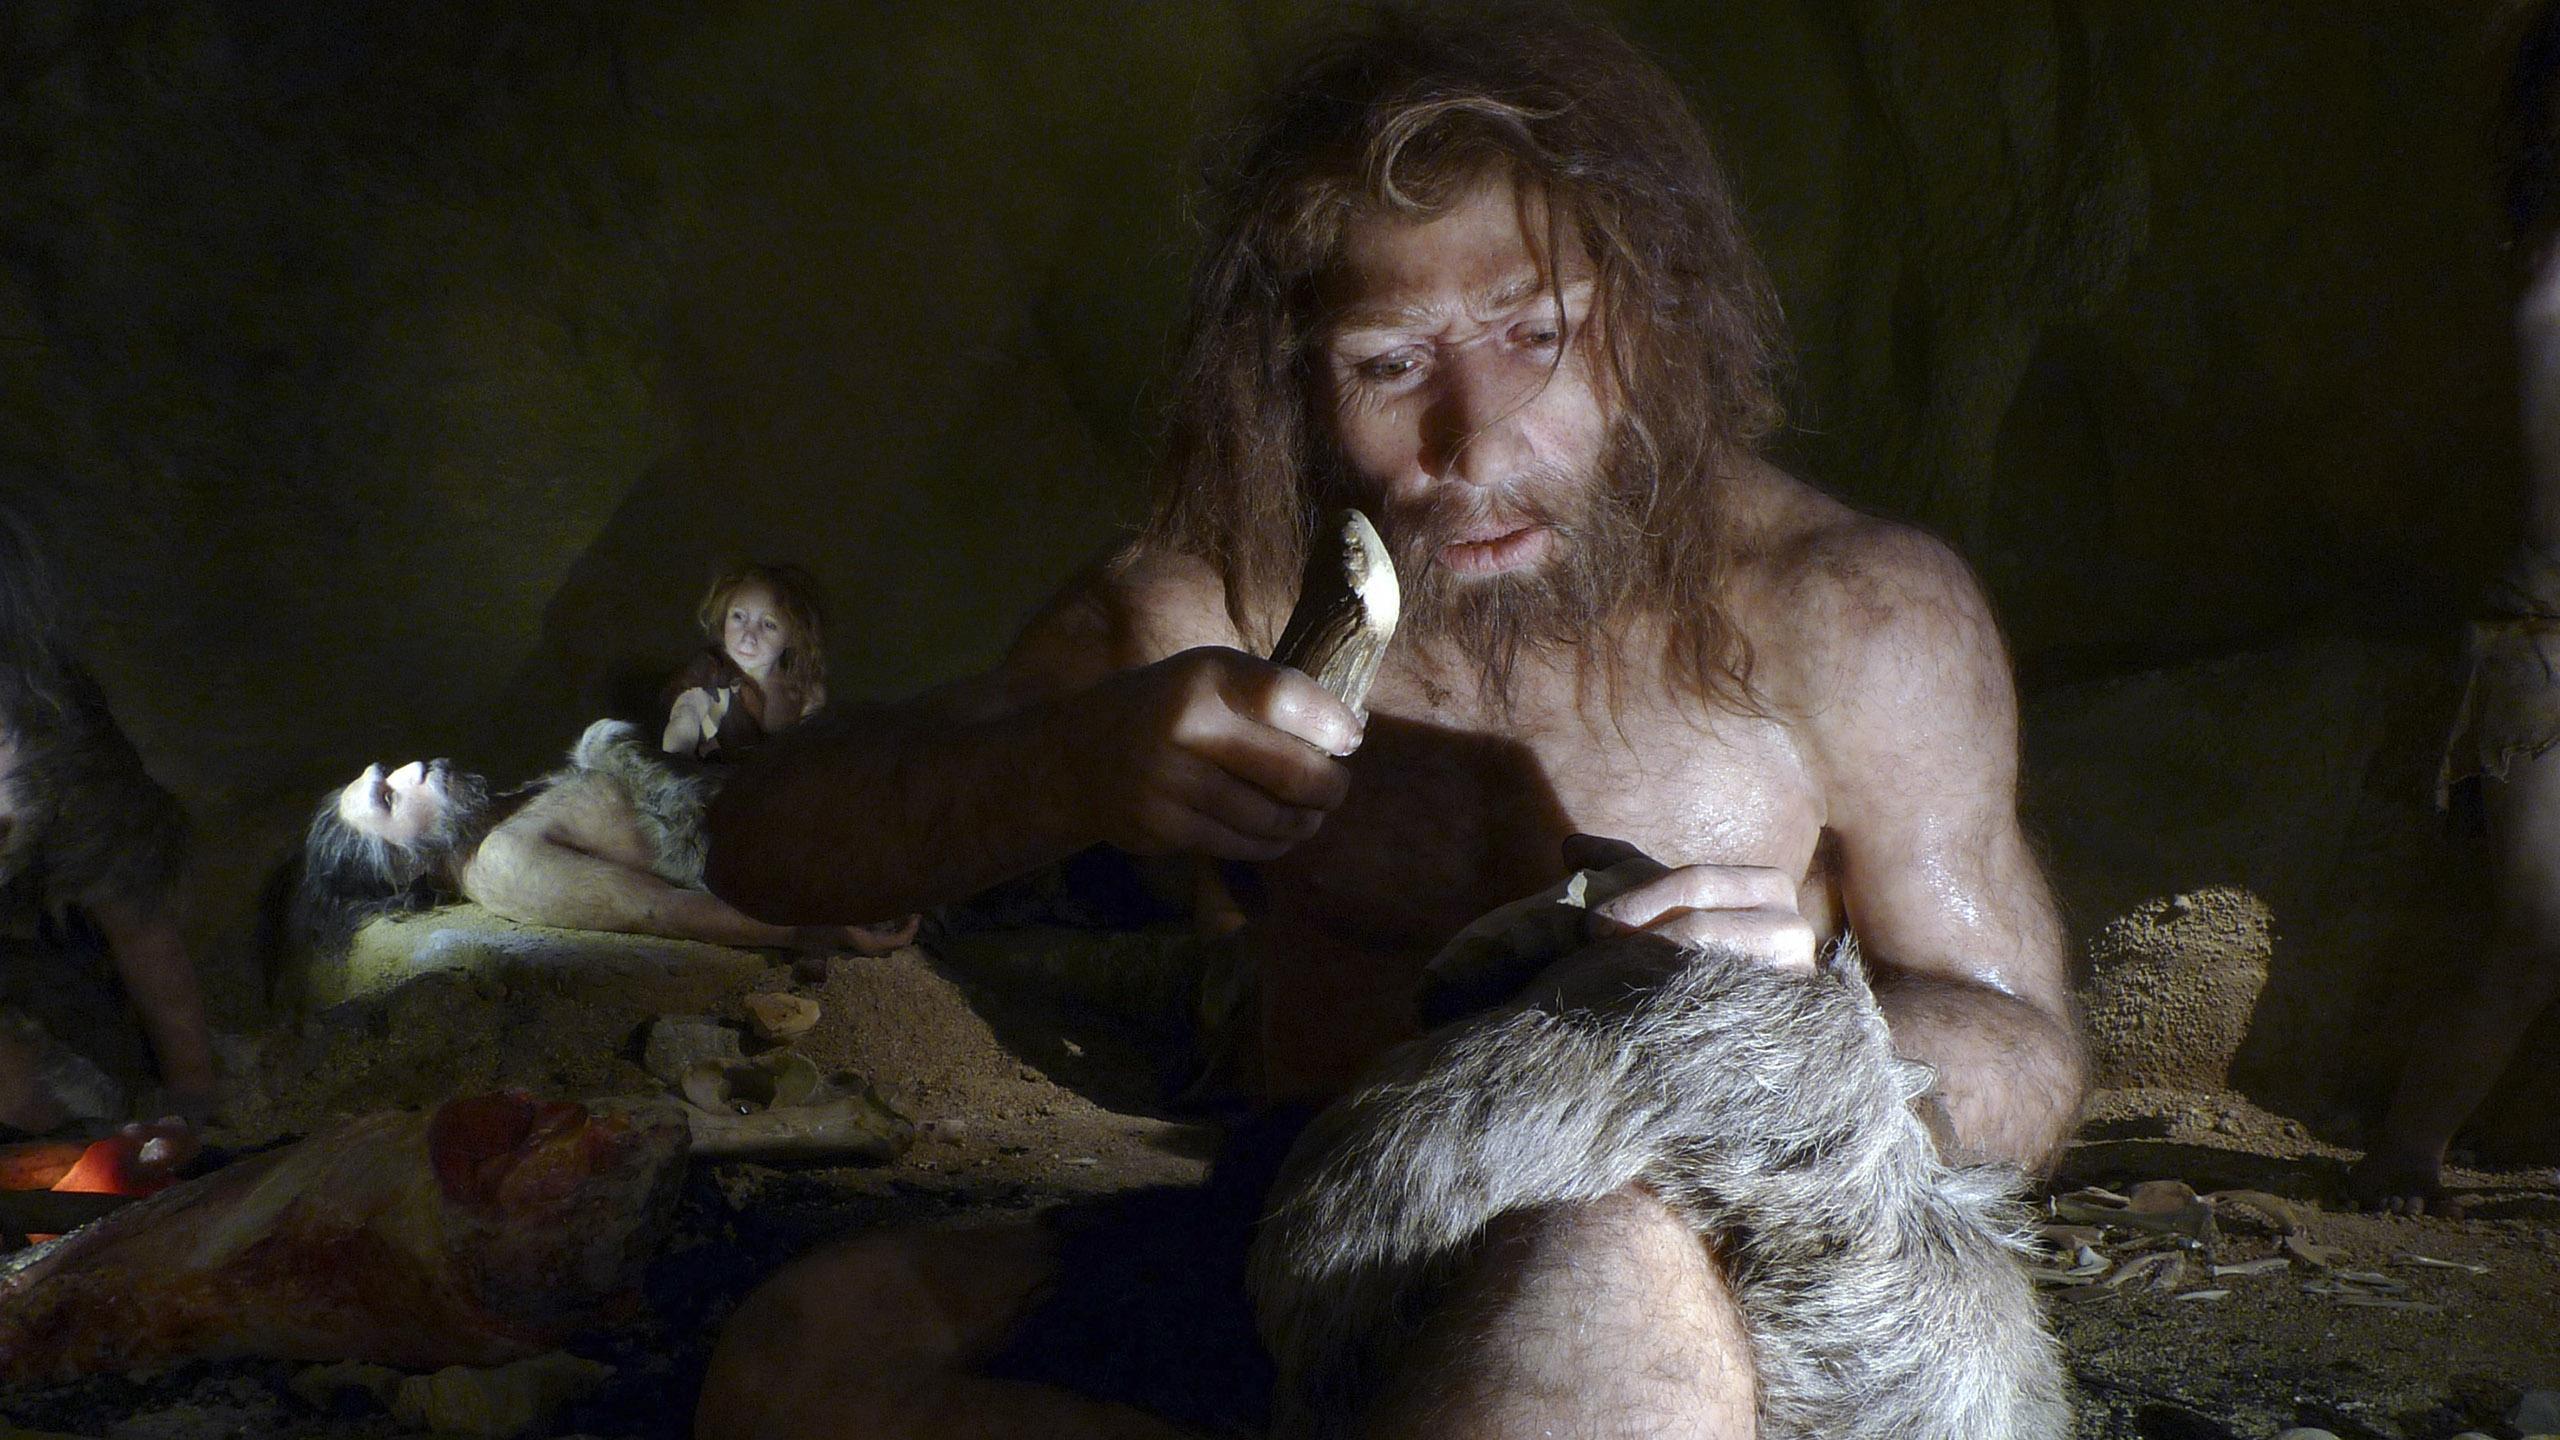 Неандертальцы: пряли, чтобы убивать? Обнаружены древнейшие в мире остатки верёвки